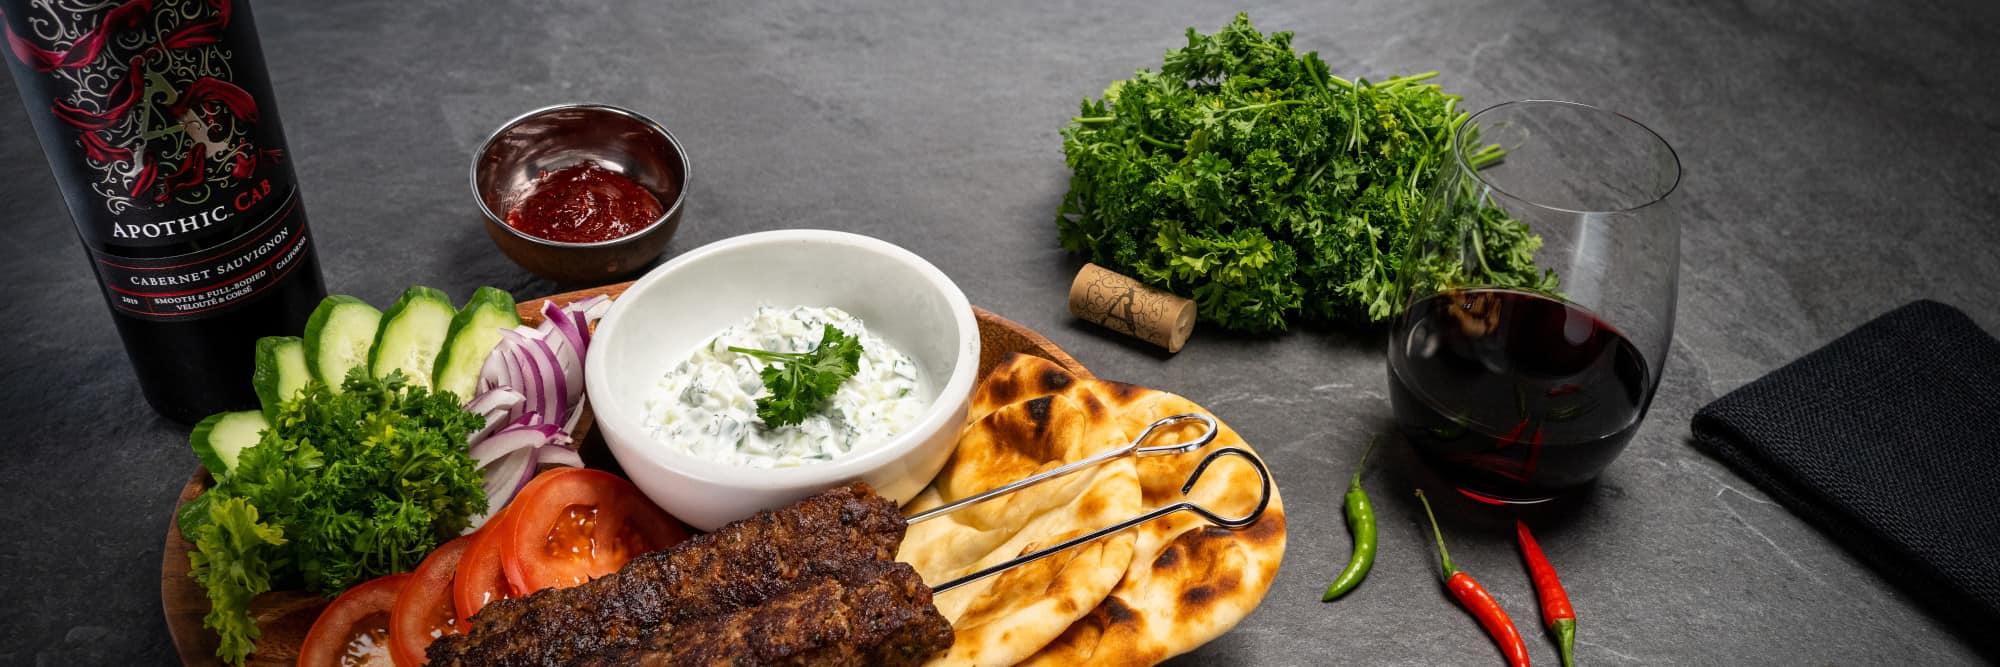 Kababs presentation